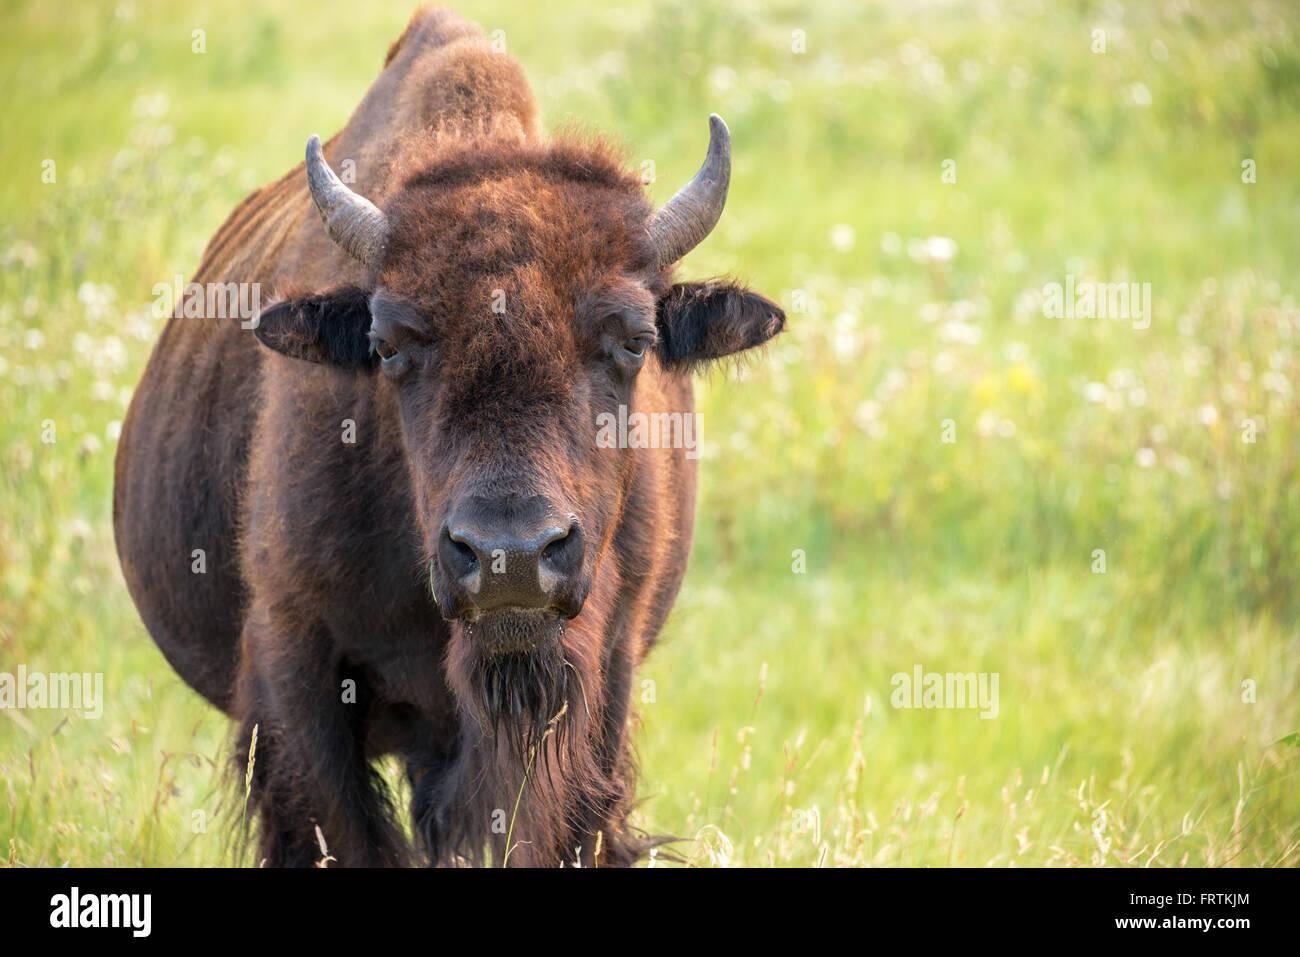 Primer plano de un búfalo en el Parque Estatal Custer en las Colinas Negras de Dakota del Sur mirando la cámara Imagen De Stock